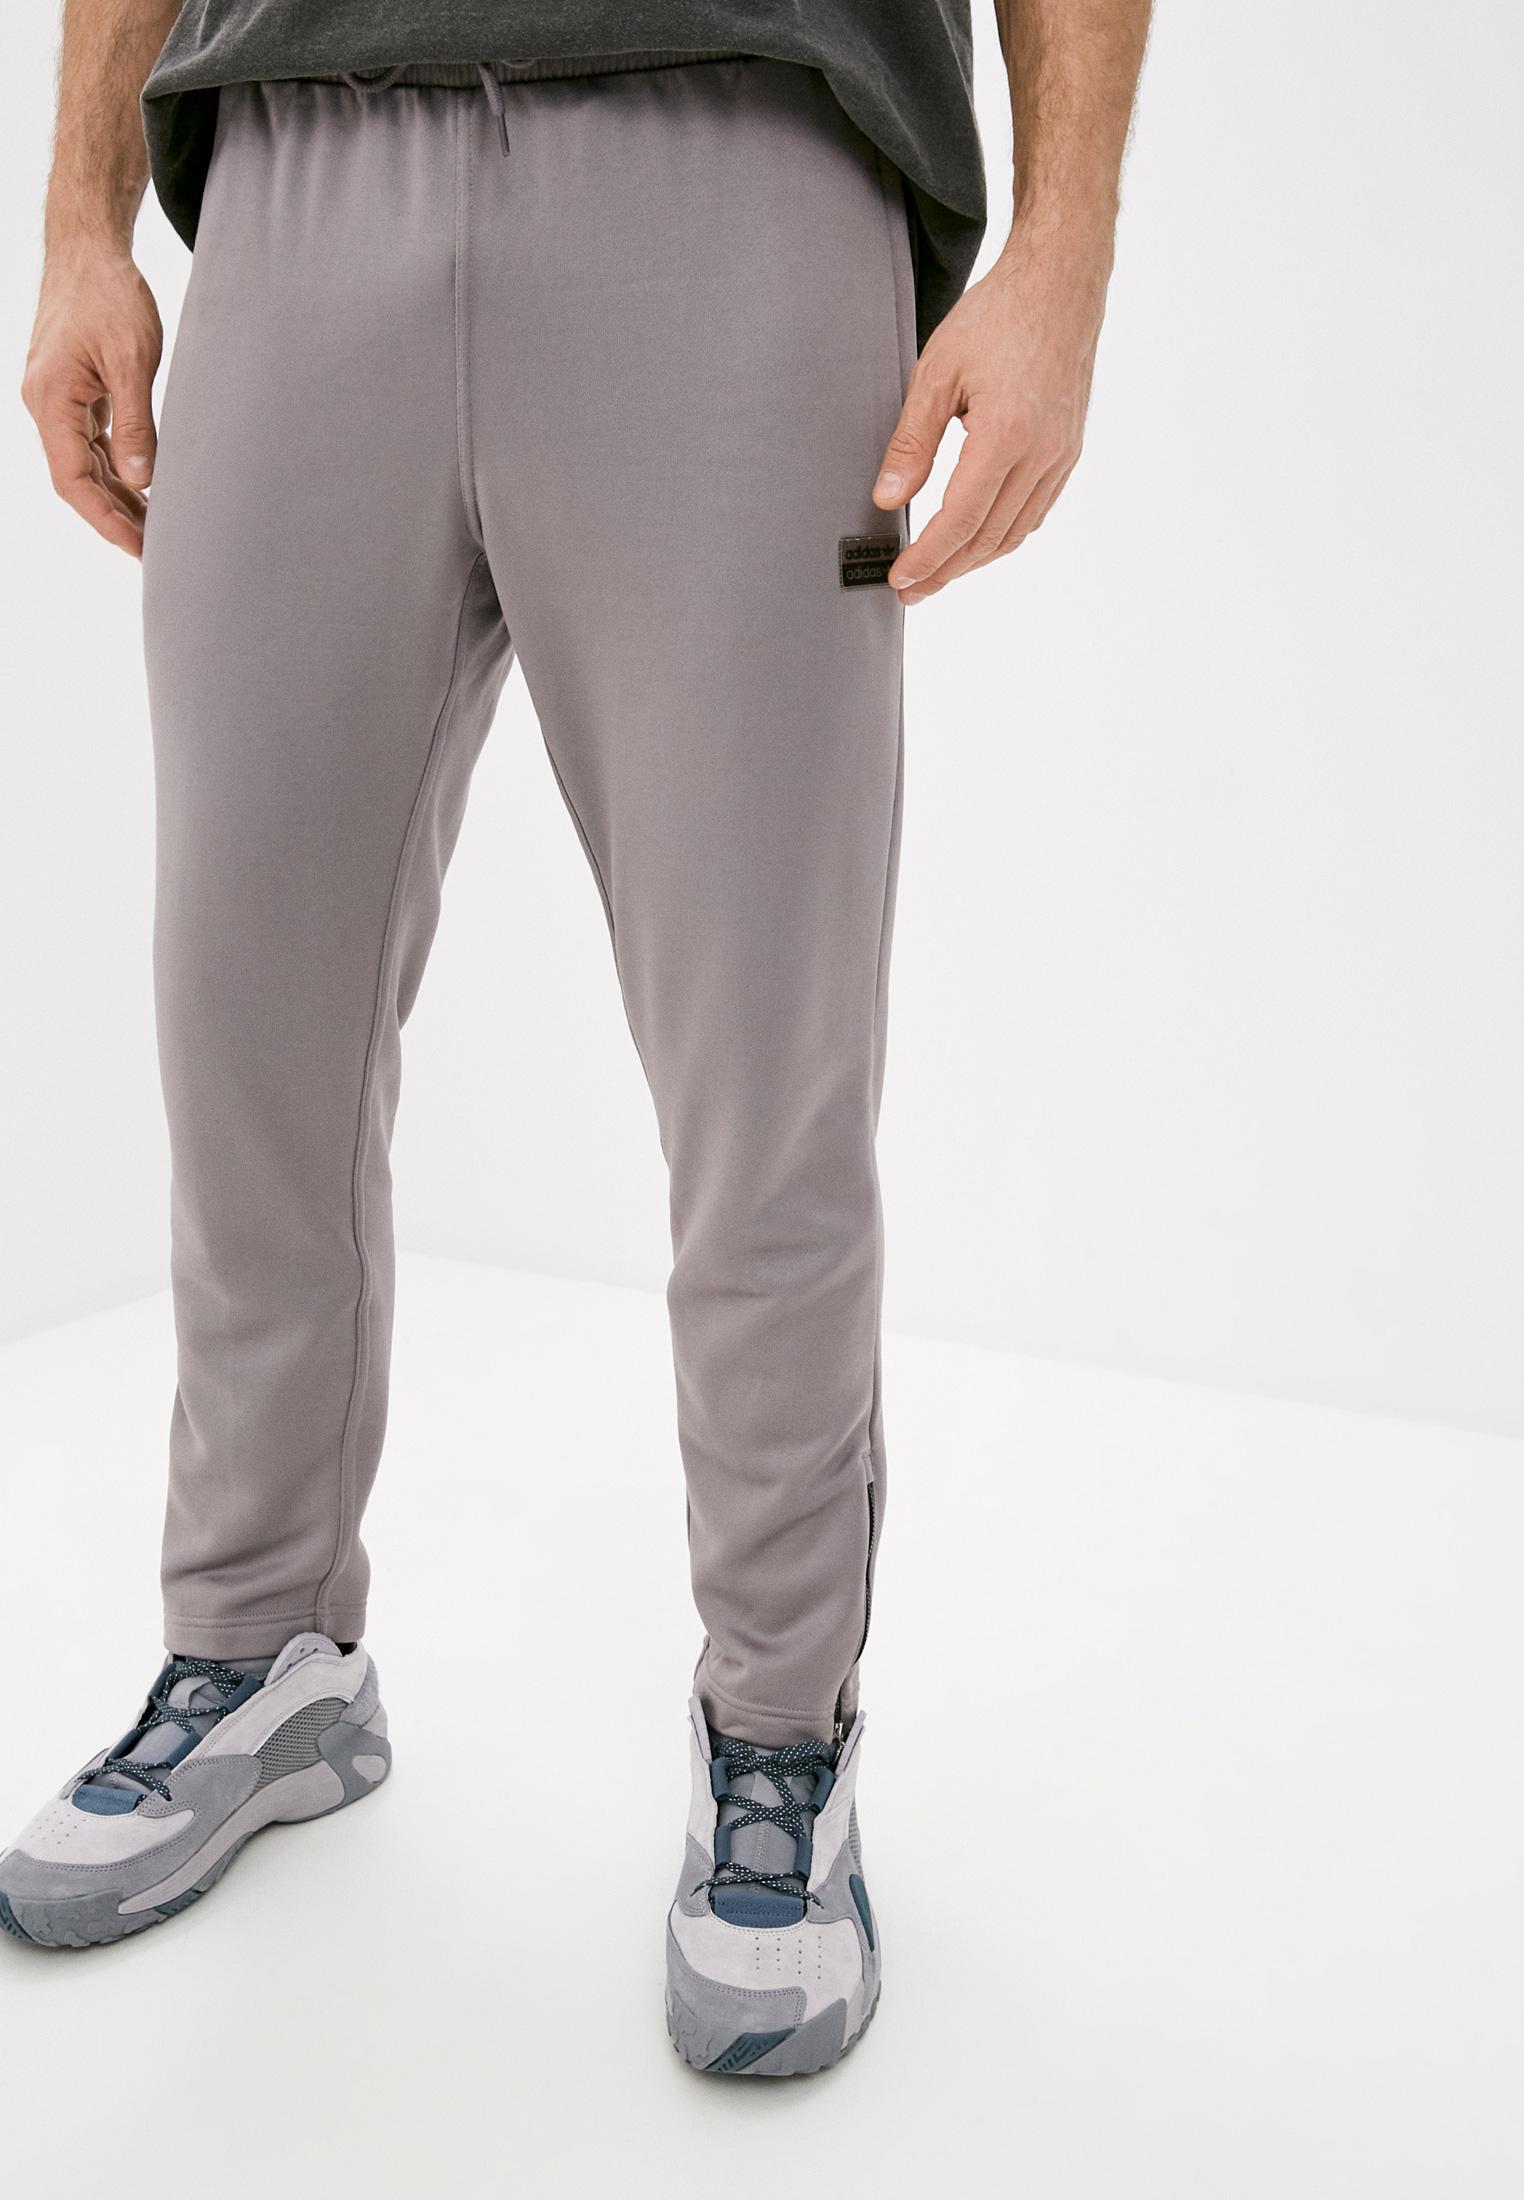 Мужские брюки Adidas Originals (Адидас Ориджиналс) Брюки спортивные adidas Originals